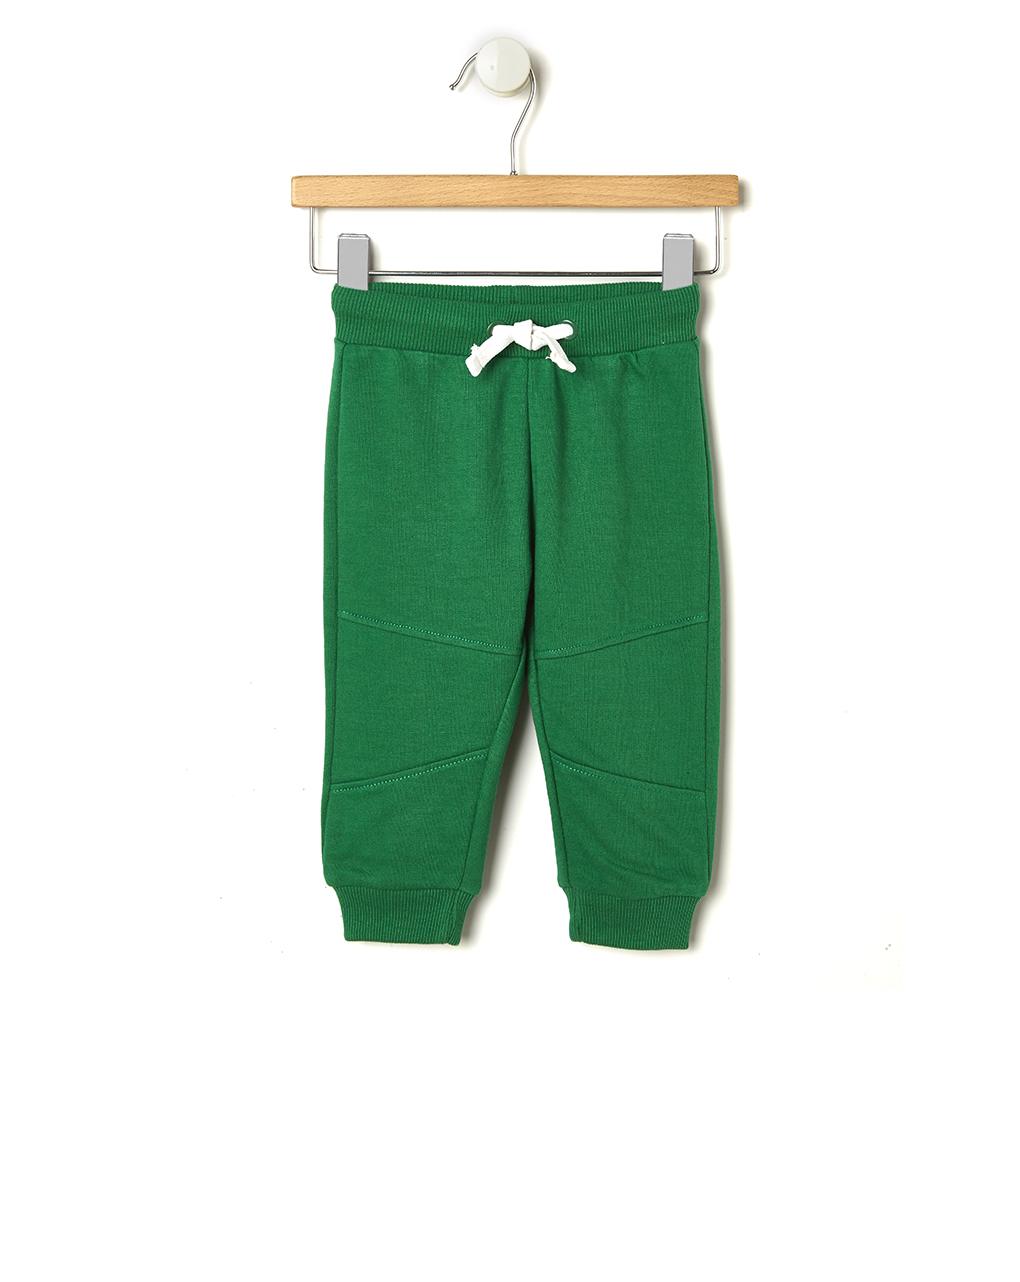 Παντελόνι Φόρμα σε Πράσινο για Αγόρι